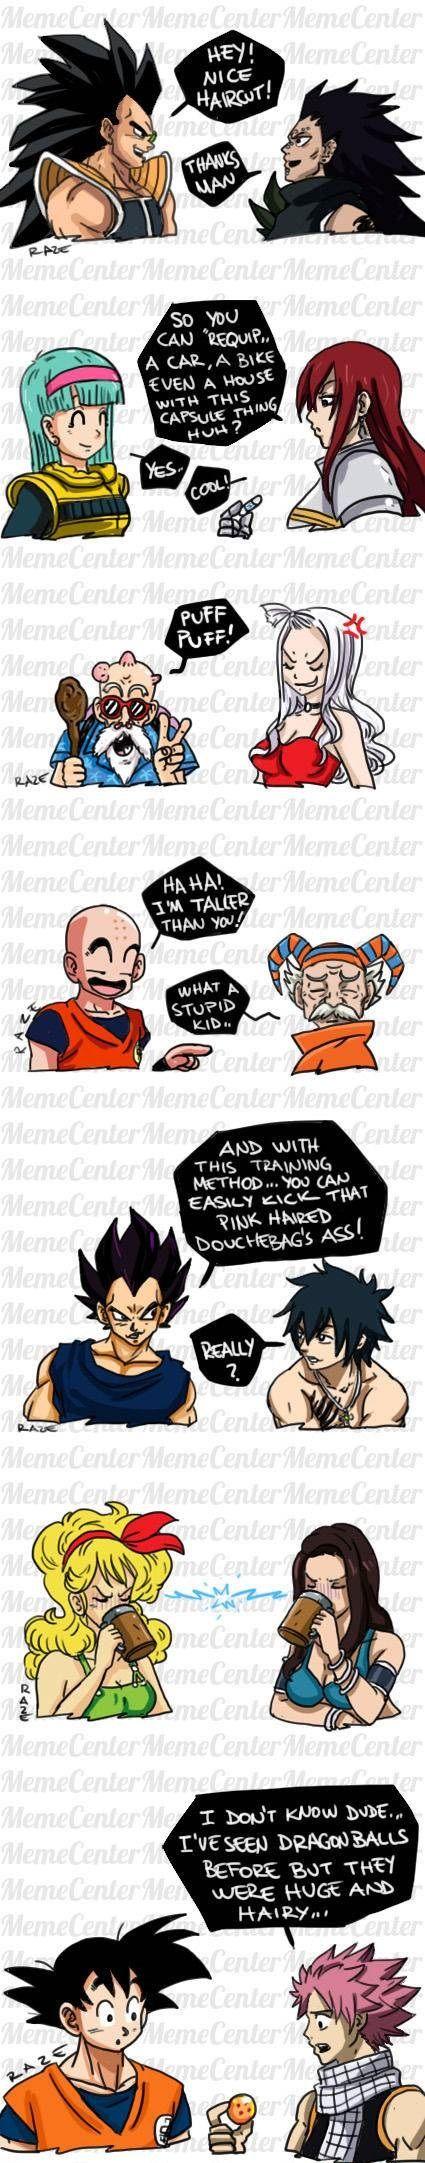 Tags: Anime, DRAGON BALL, Vegeta, Son Goku (DRAGON BALL), FAIRY TAIL